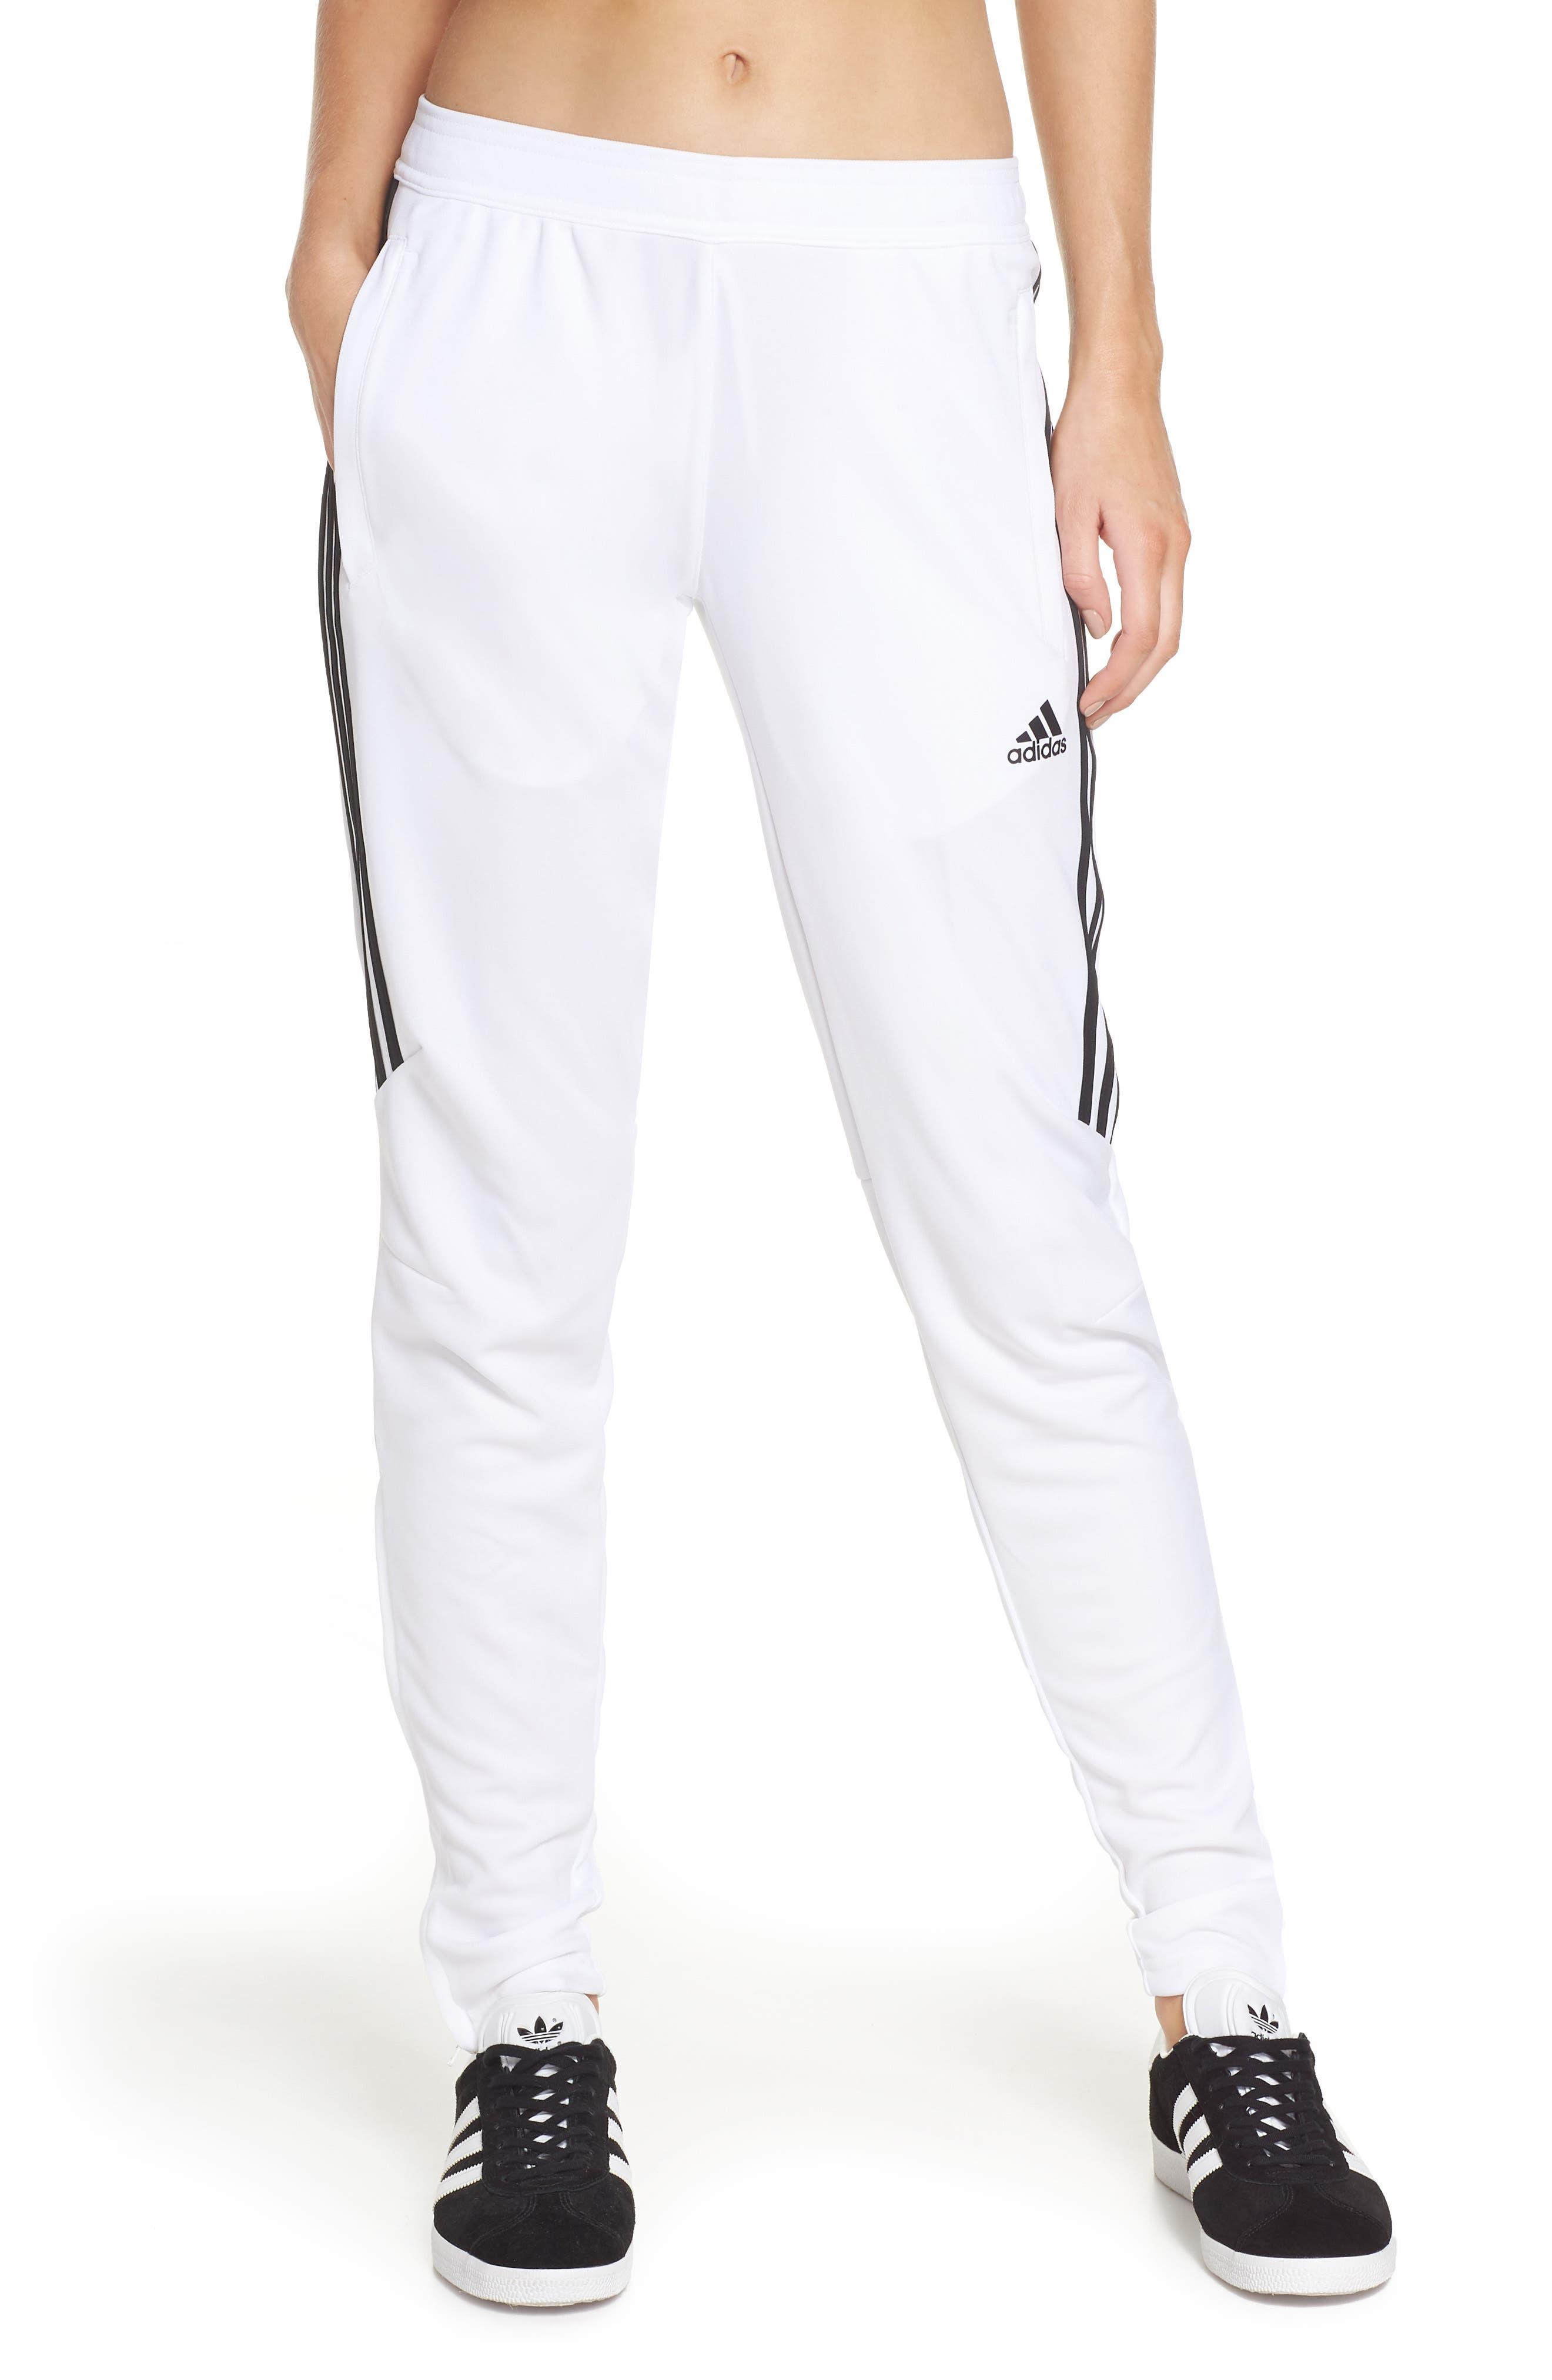 Tiro 17 Training Pants,                             Main thumbnail 1, color,                             WHITE/ BLACK